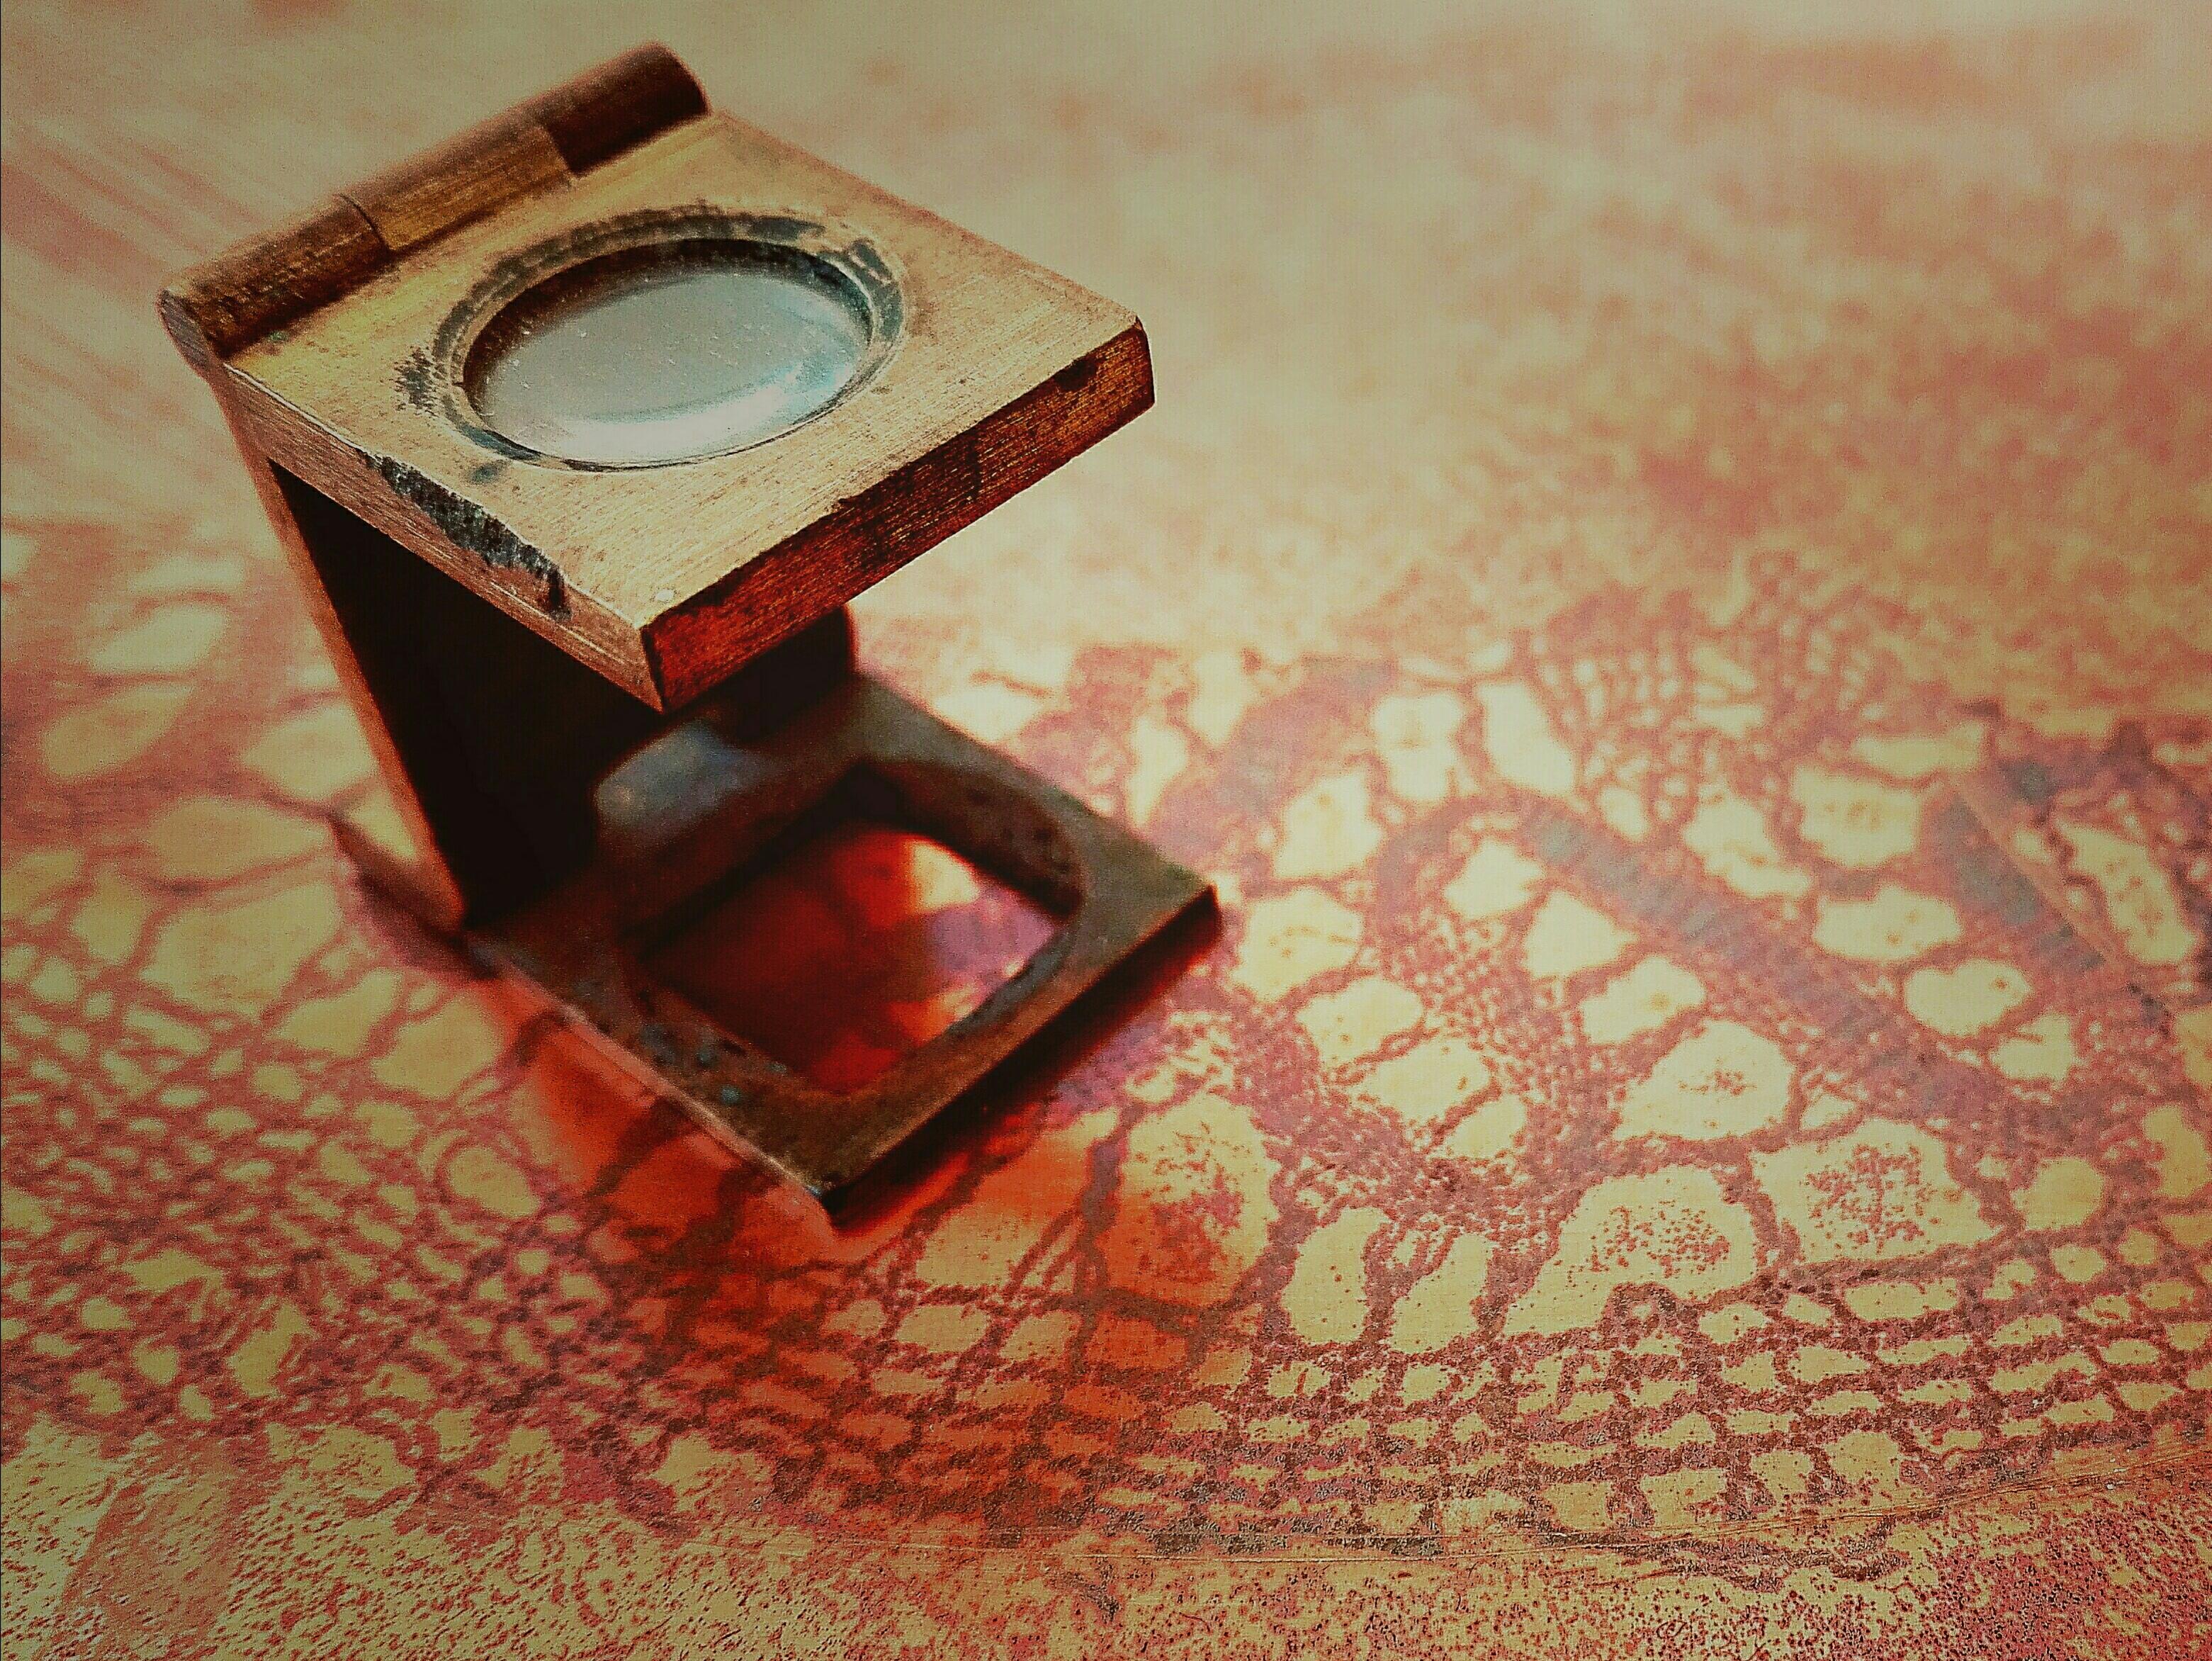 lentino contafili stampa d'arte